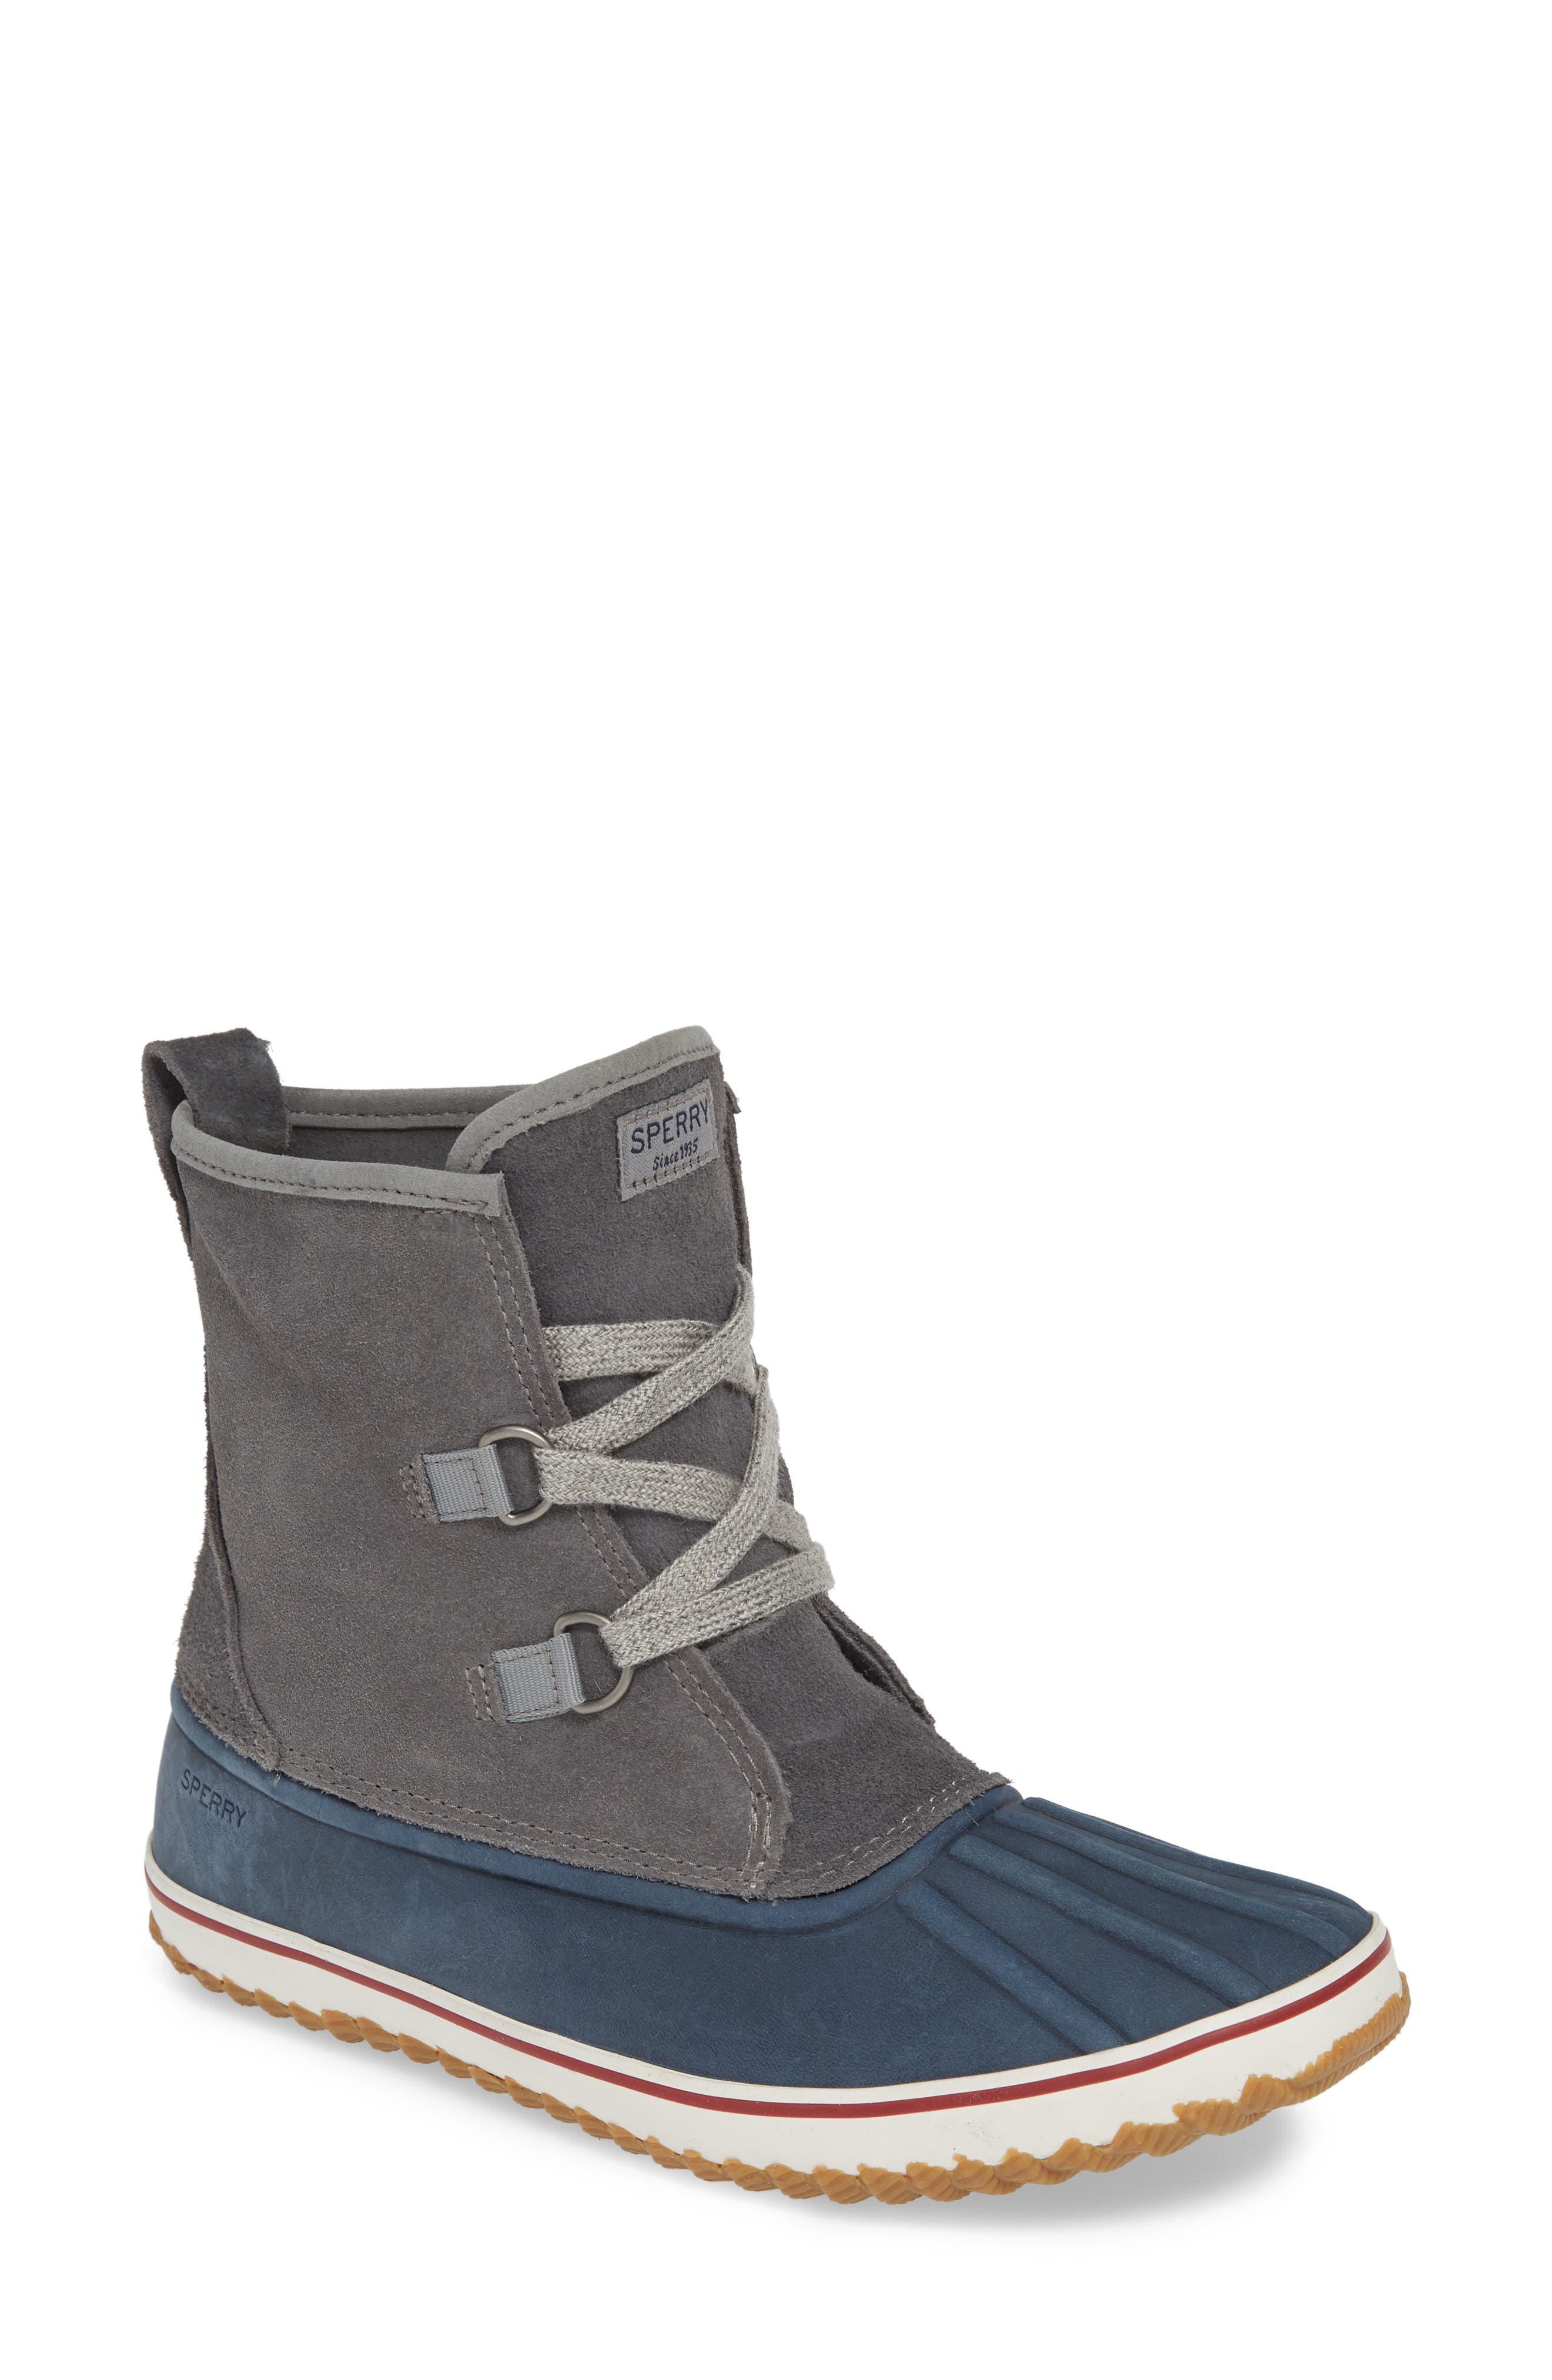 Sperry Schooner Duck Boot, Grey